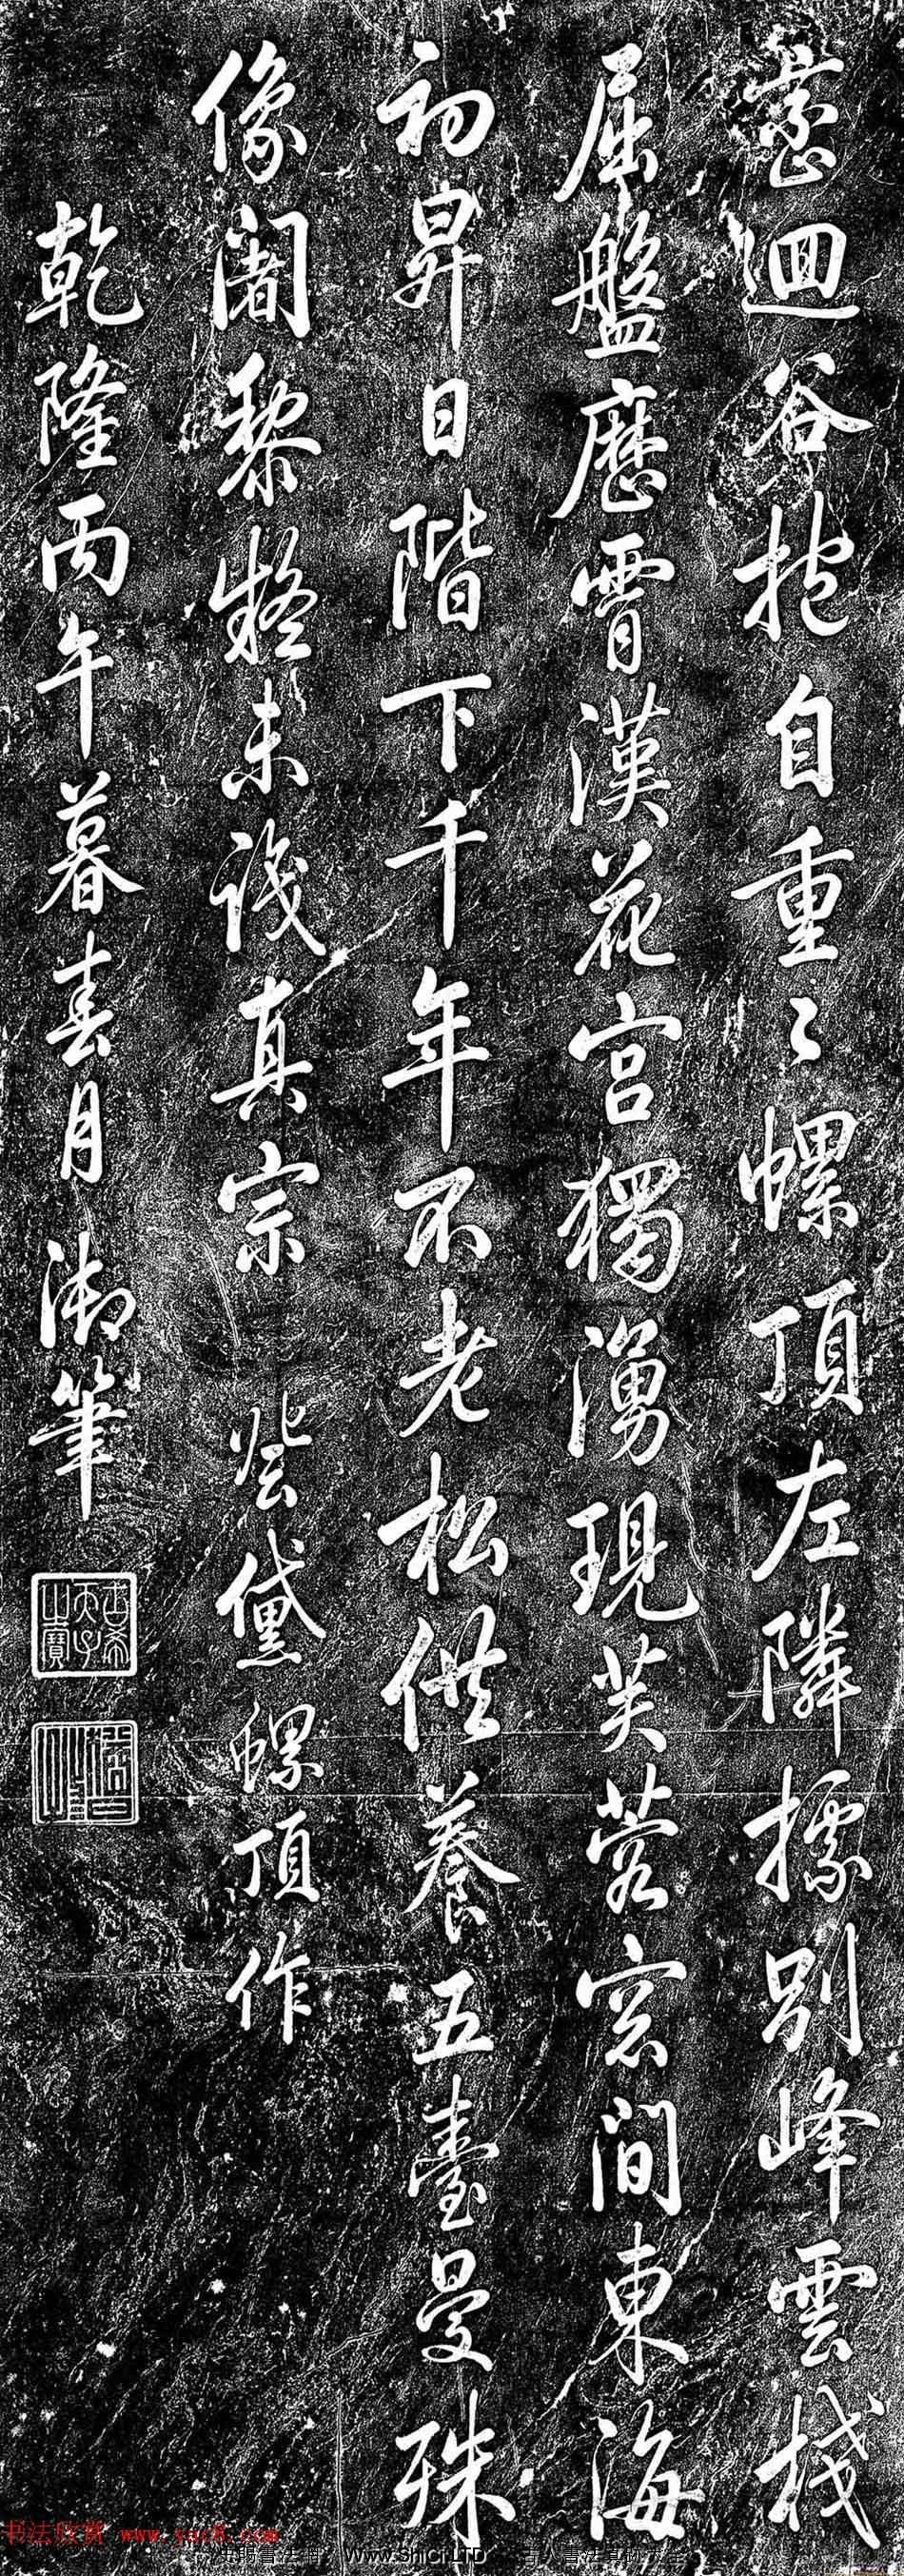 清朝乾隆皇帝書法題刻詩碑真跡欣賞(共2張圖片)